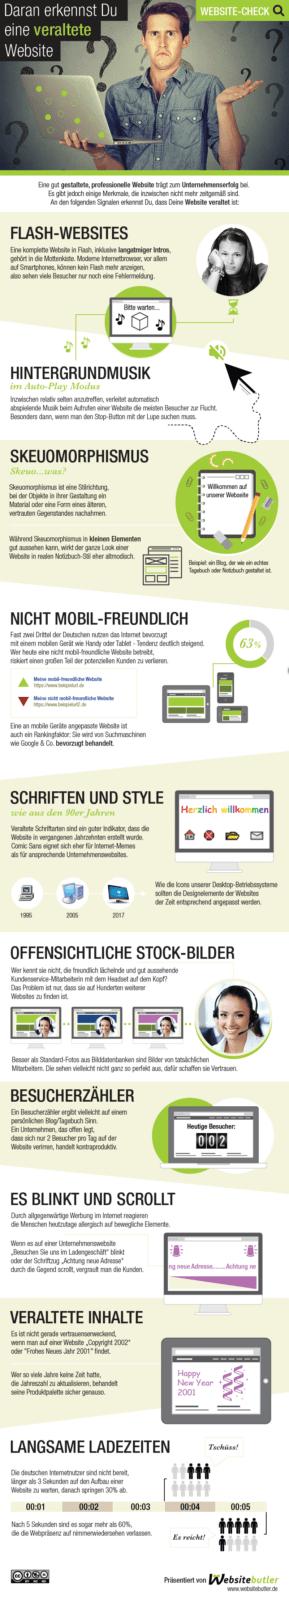 Daran erkennst Du eine veraltete Website - Infografik